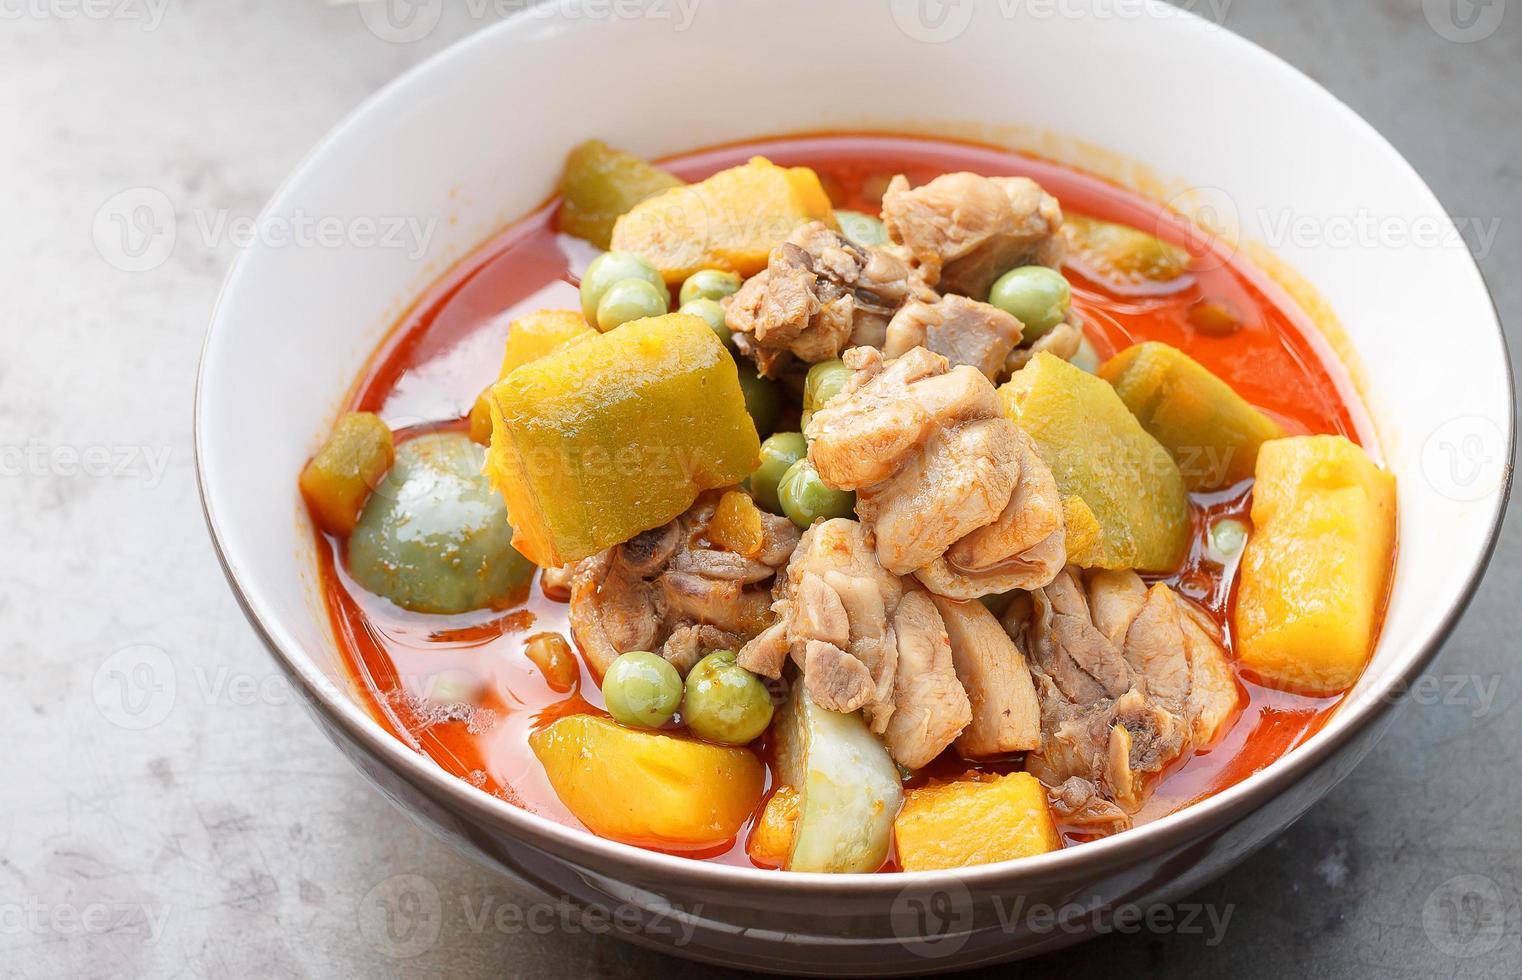 comida tailandesa - frango ao curry quente com abóbora foto